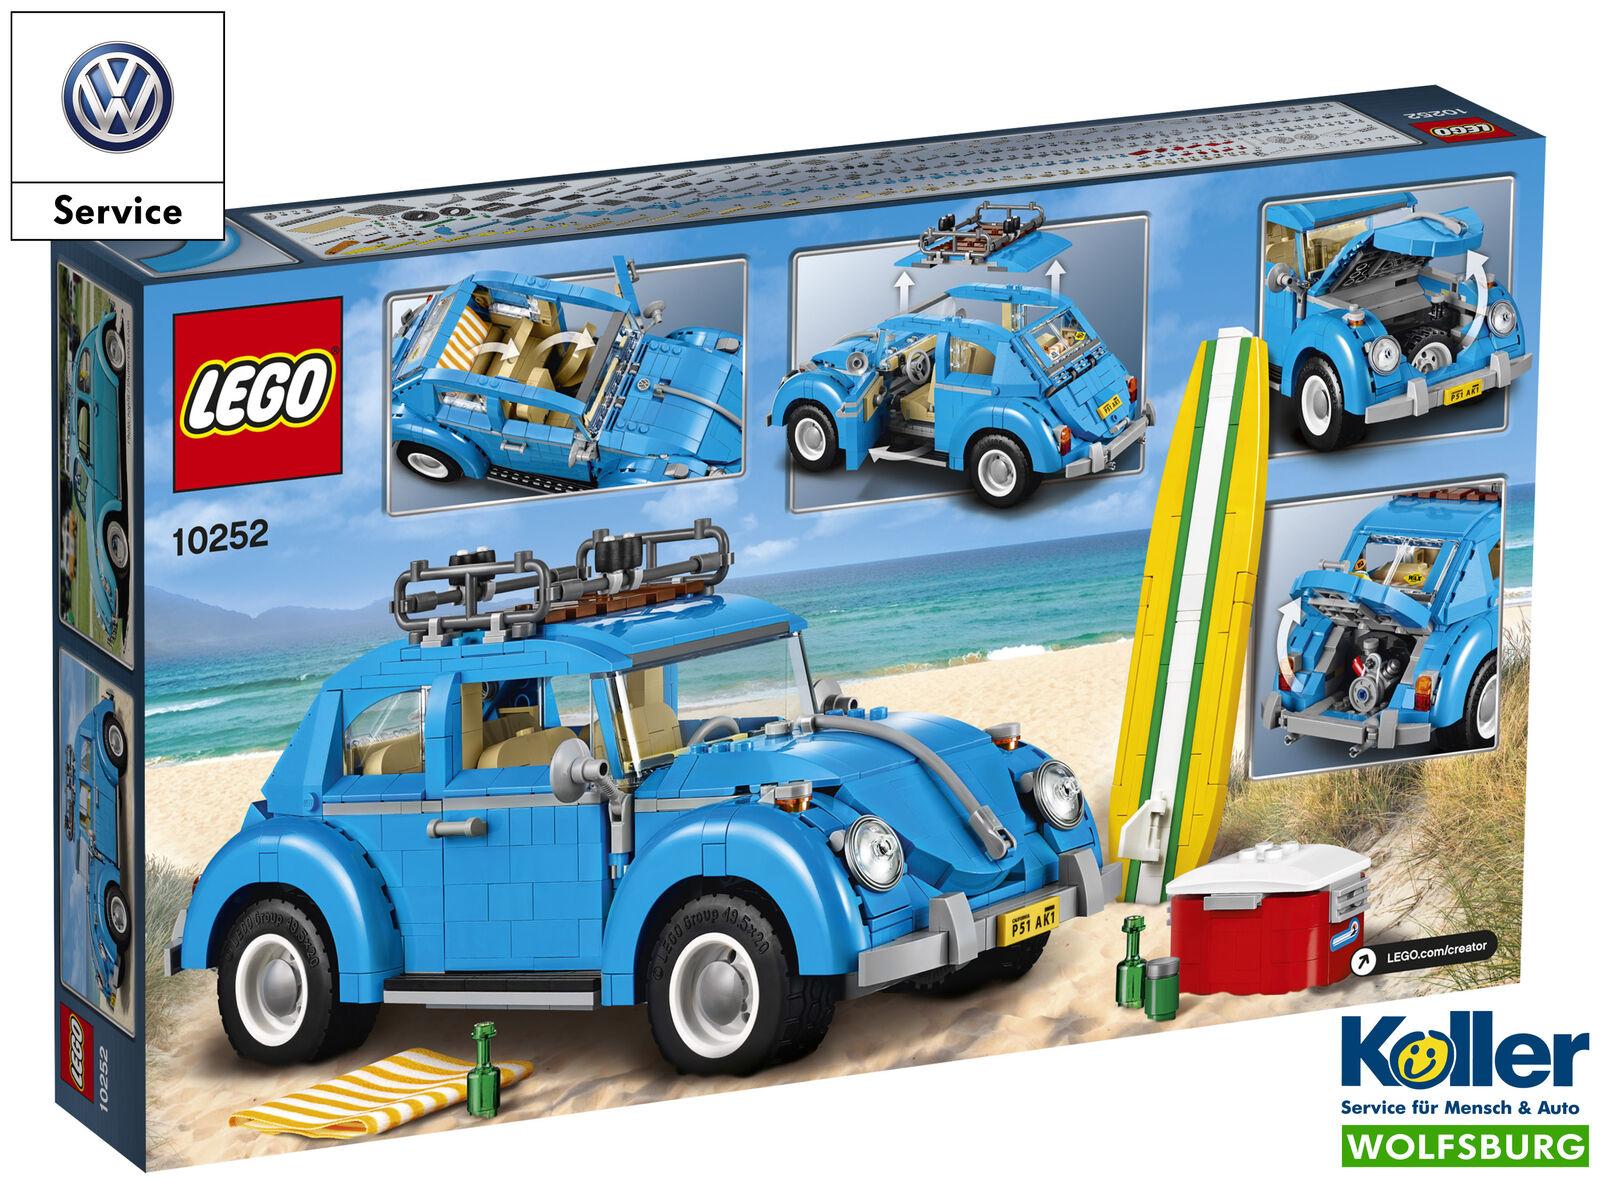 Original Volkswagen Lego 1960 Käfer Bauset blau Spielzeug